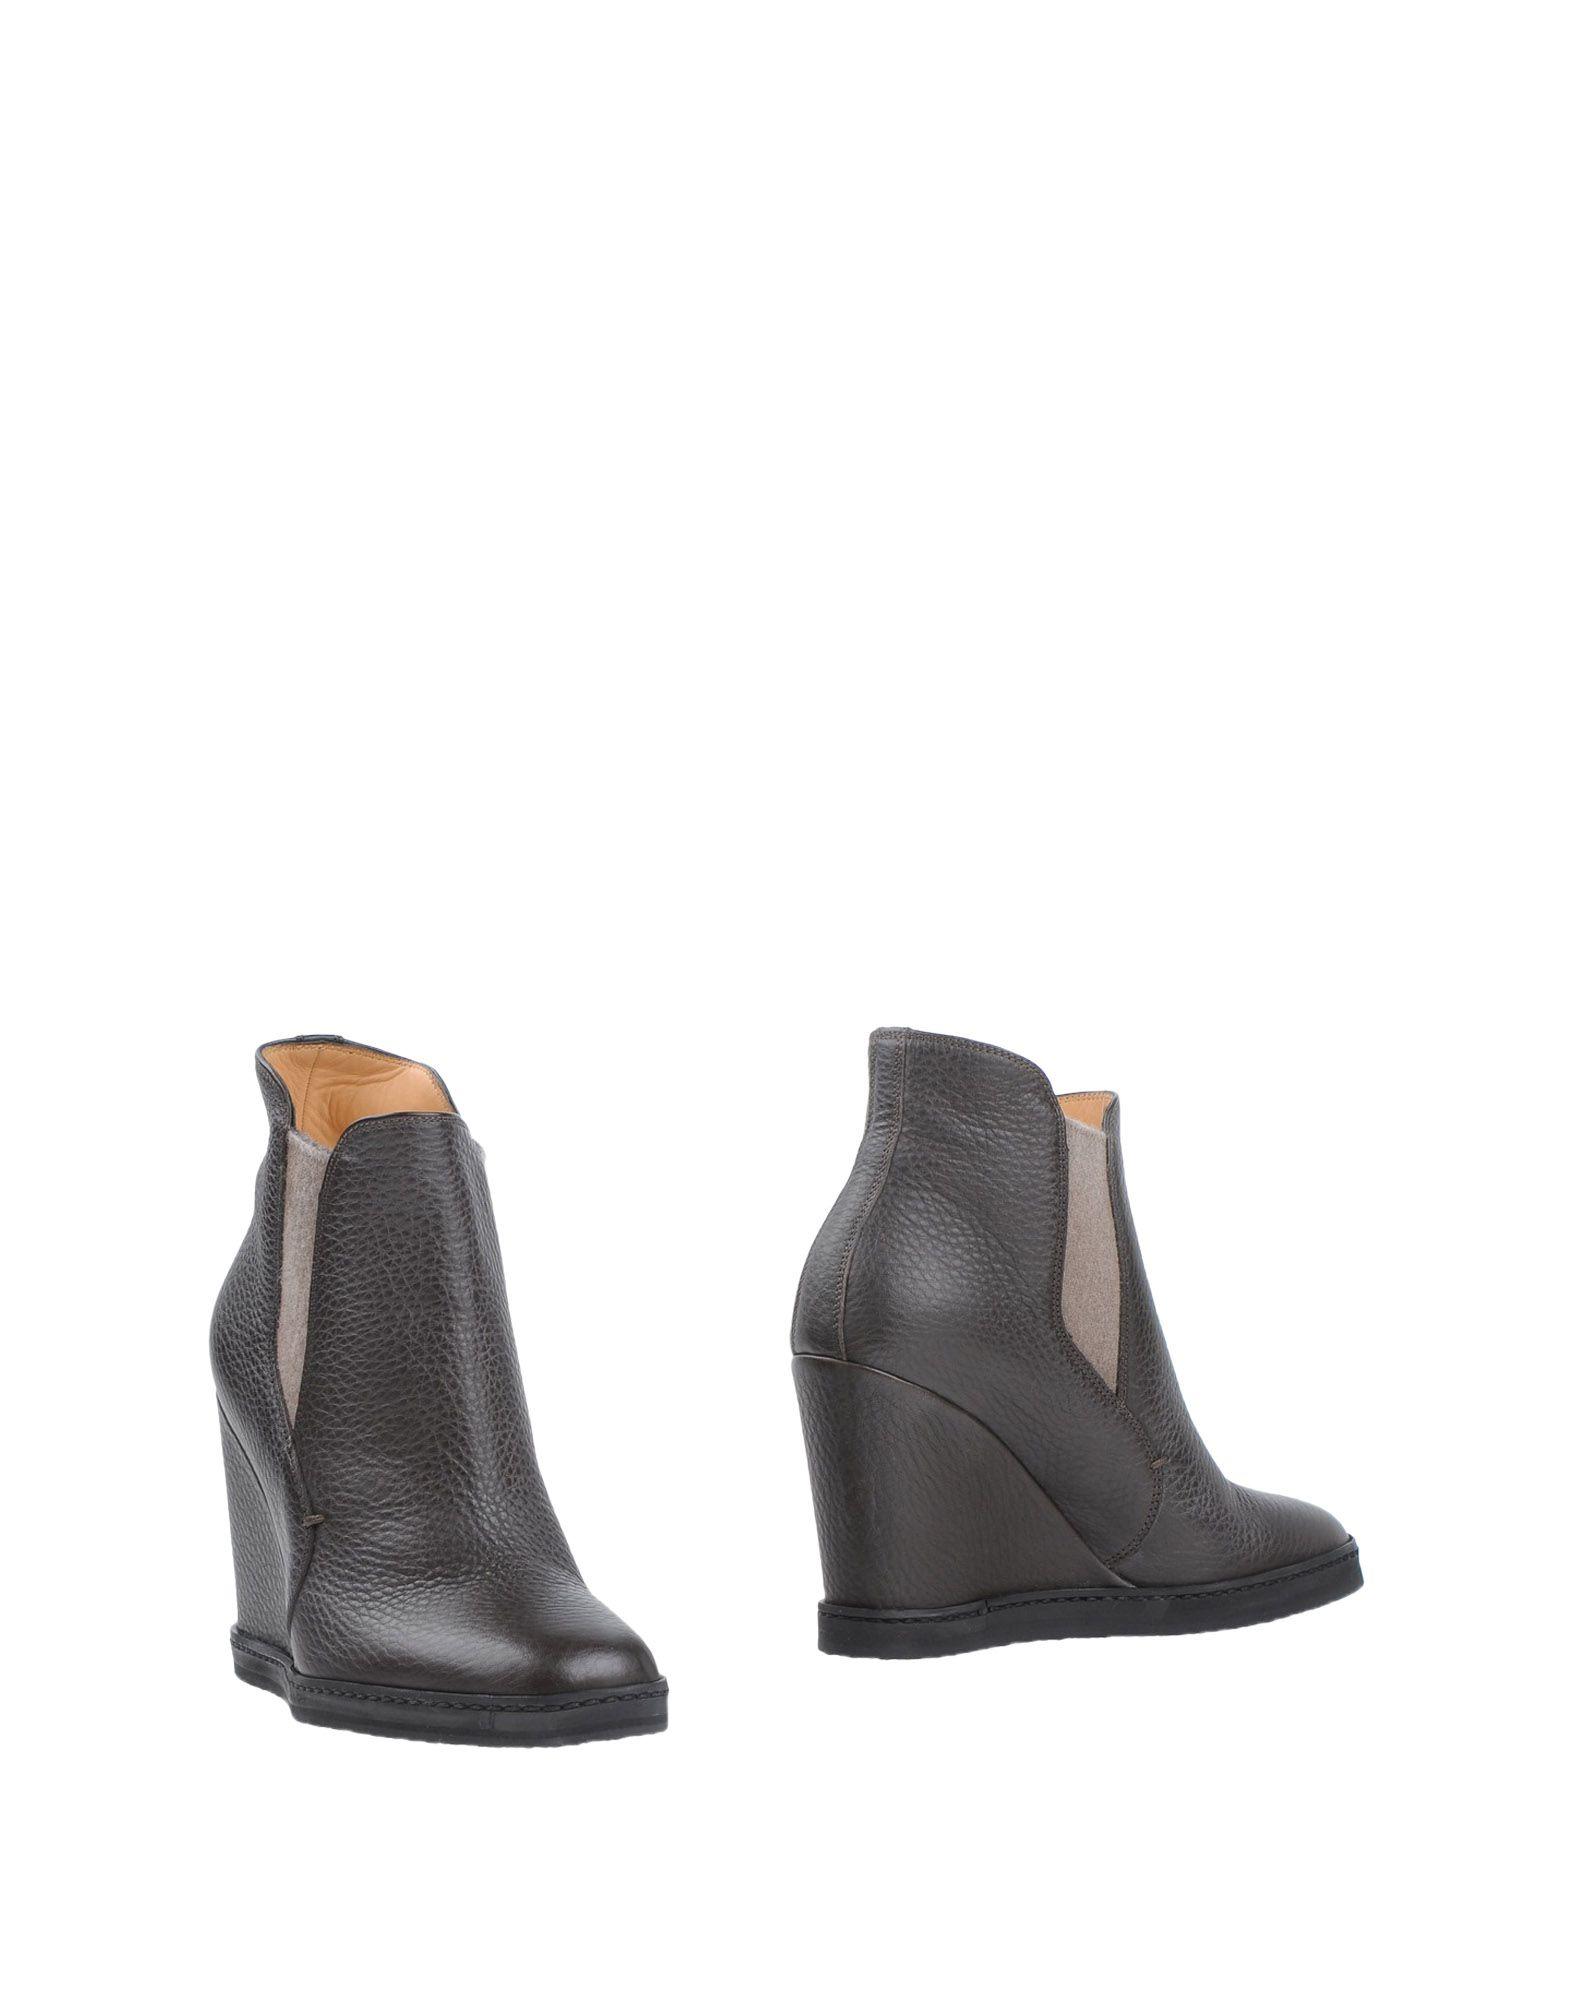 Rabatt Damen Schuhe Santoni Chelsea Stiefel Damen Rabatt  11330405MU 93a34f